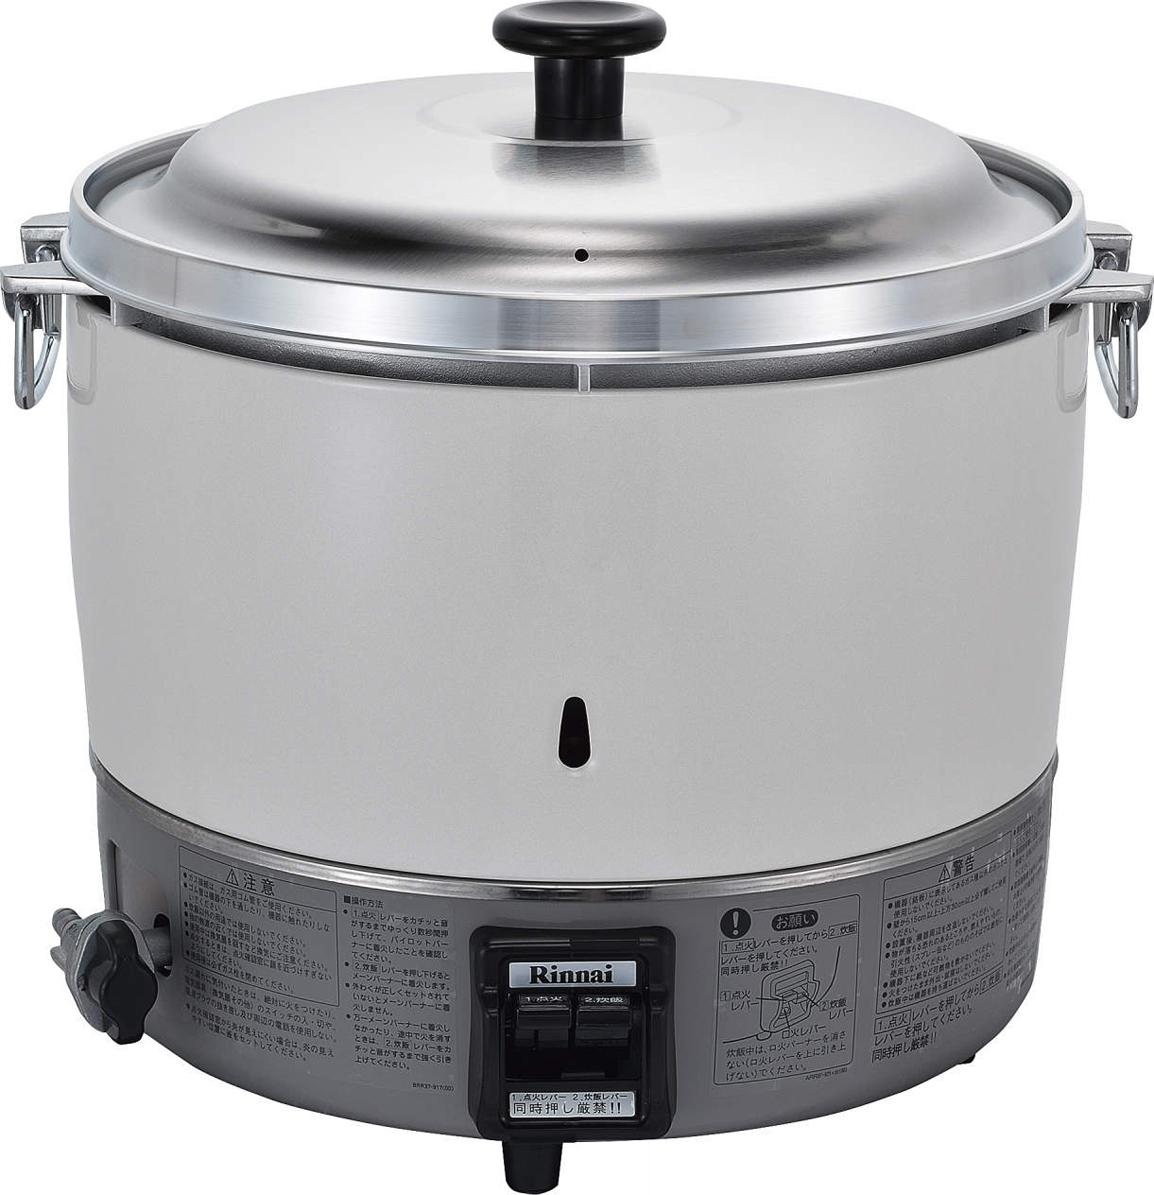 リンナイ ガス炊飯器 【RR-30S1-F】3升 2.0~6.0L 卓上型(普及タイプ)